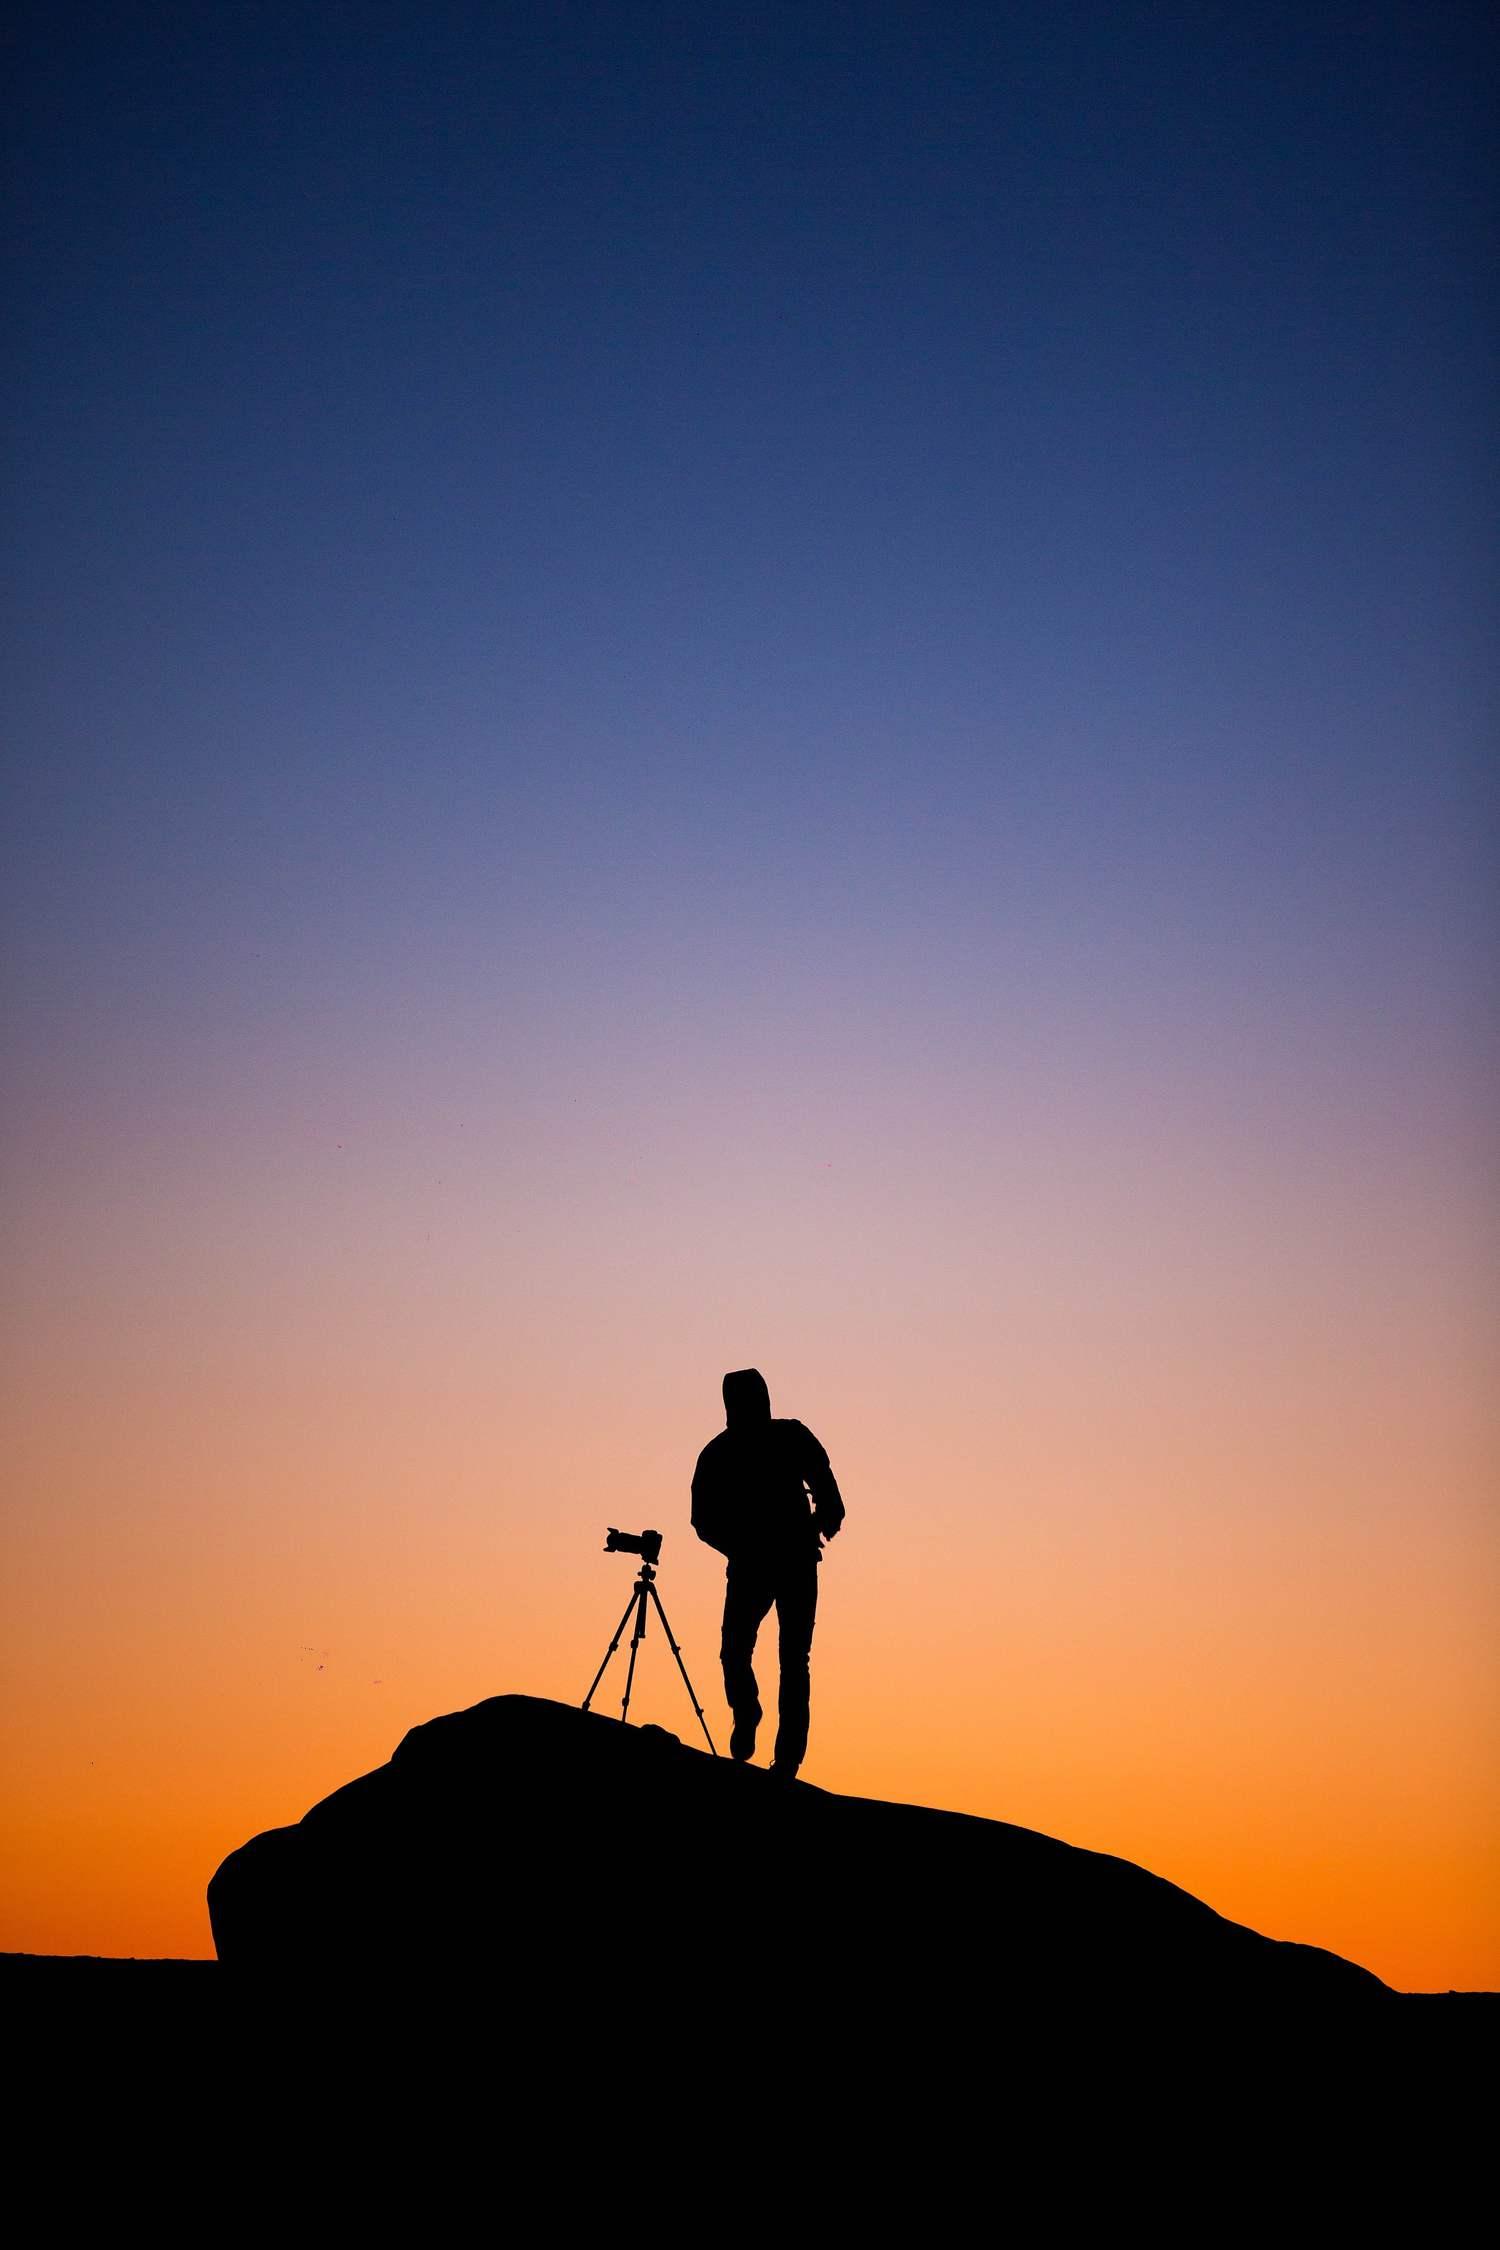 Silueta de fotógrafo nocturno en hora azul